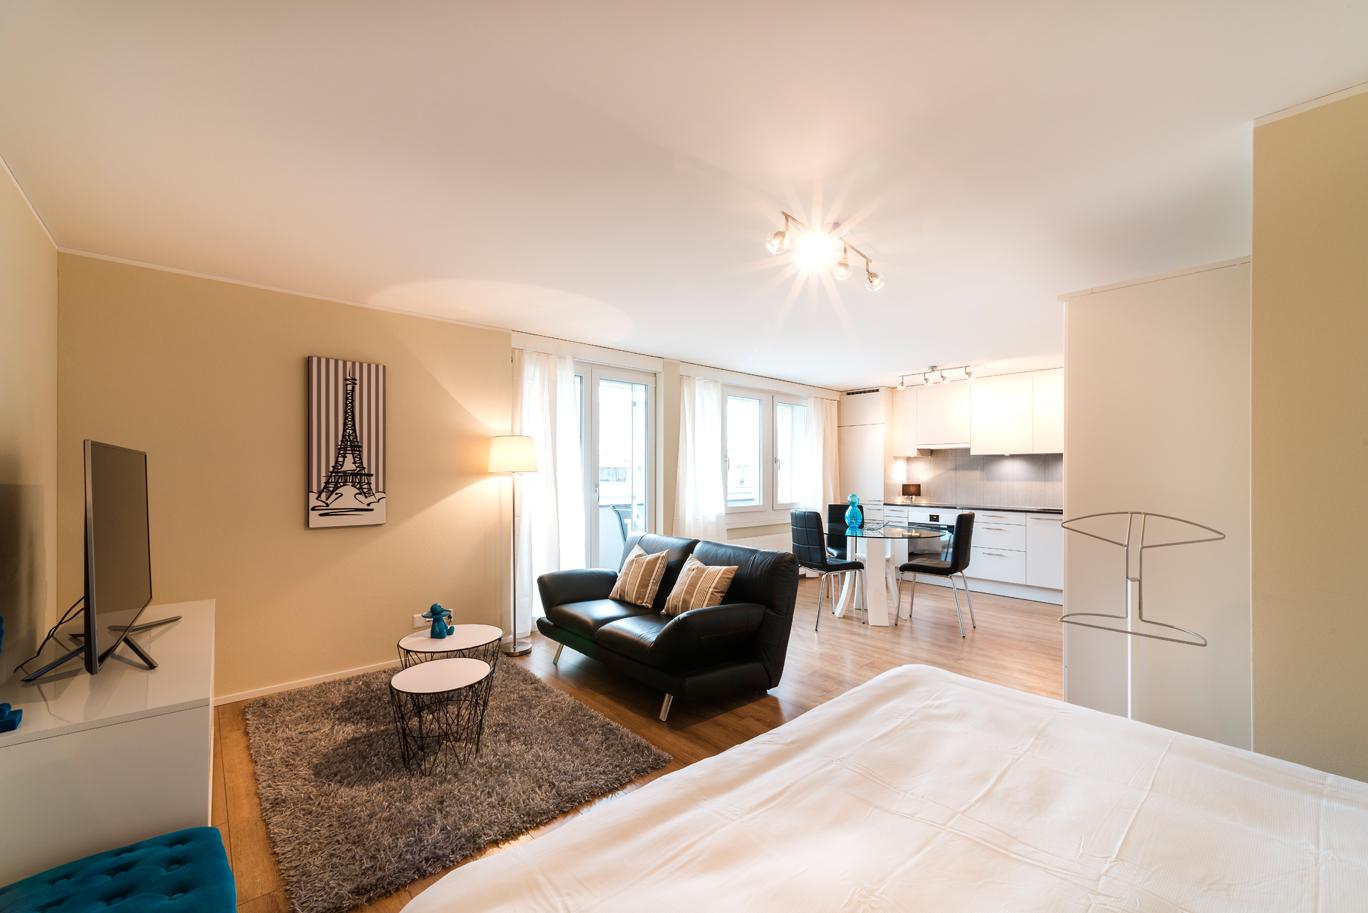 jupiter 1 5 zimmer apartment in wallisellen reloc. Black Bedroom Furniture Sets. Home Design Ideas